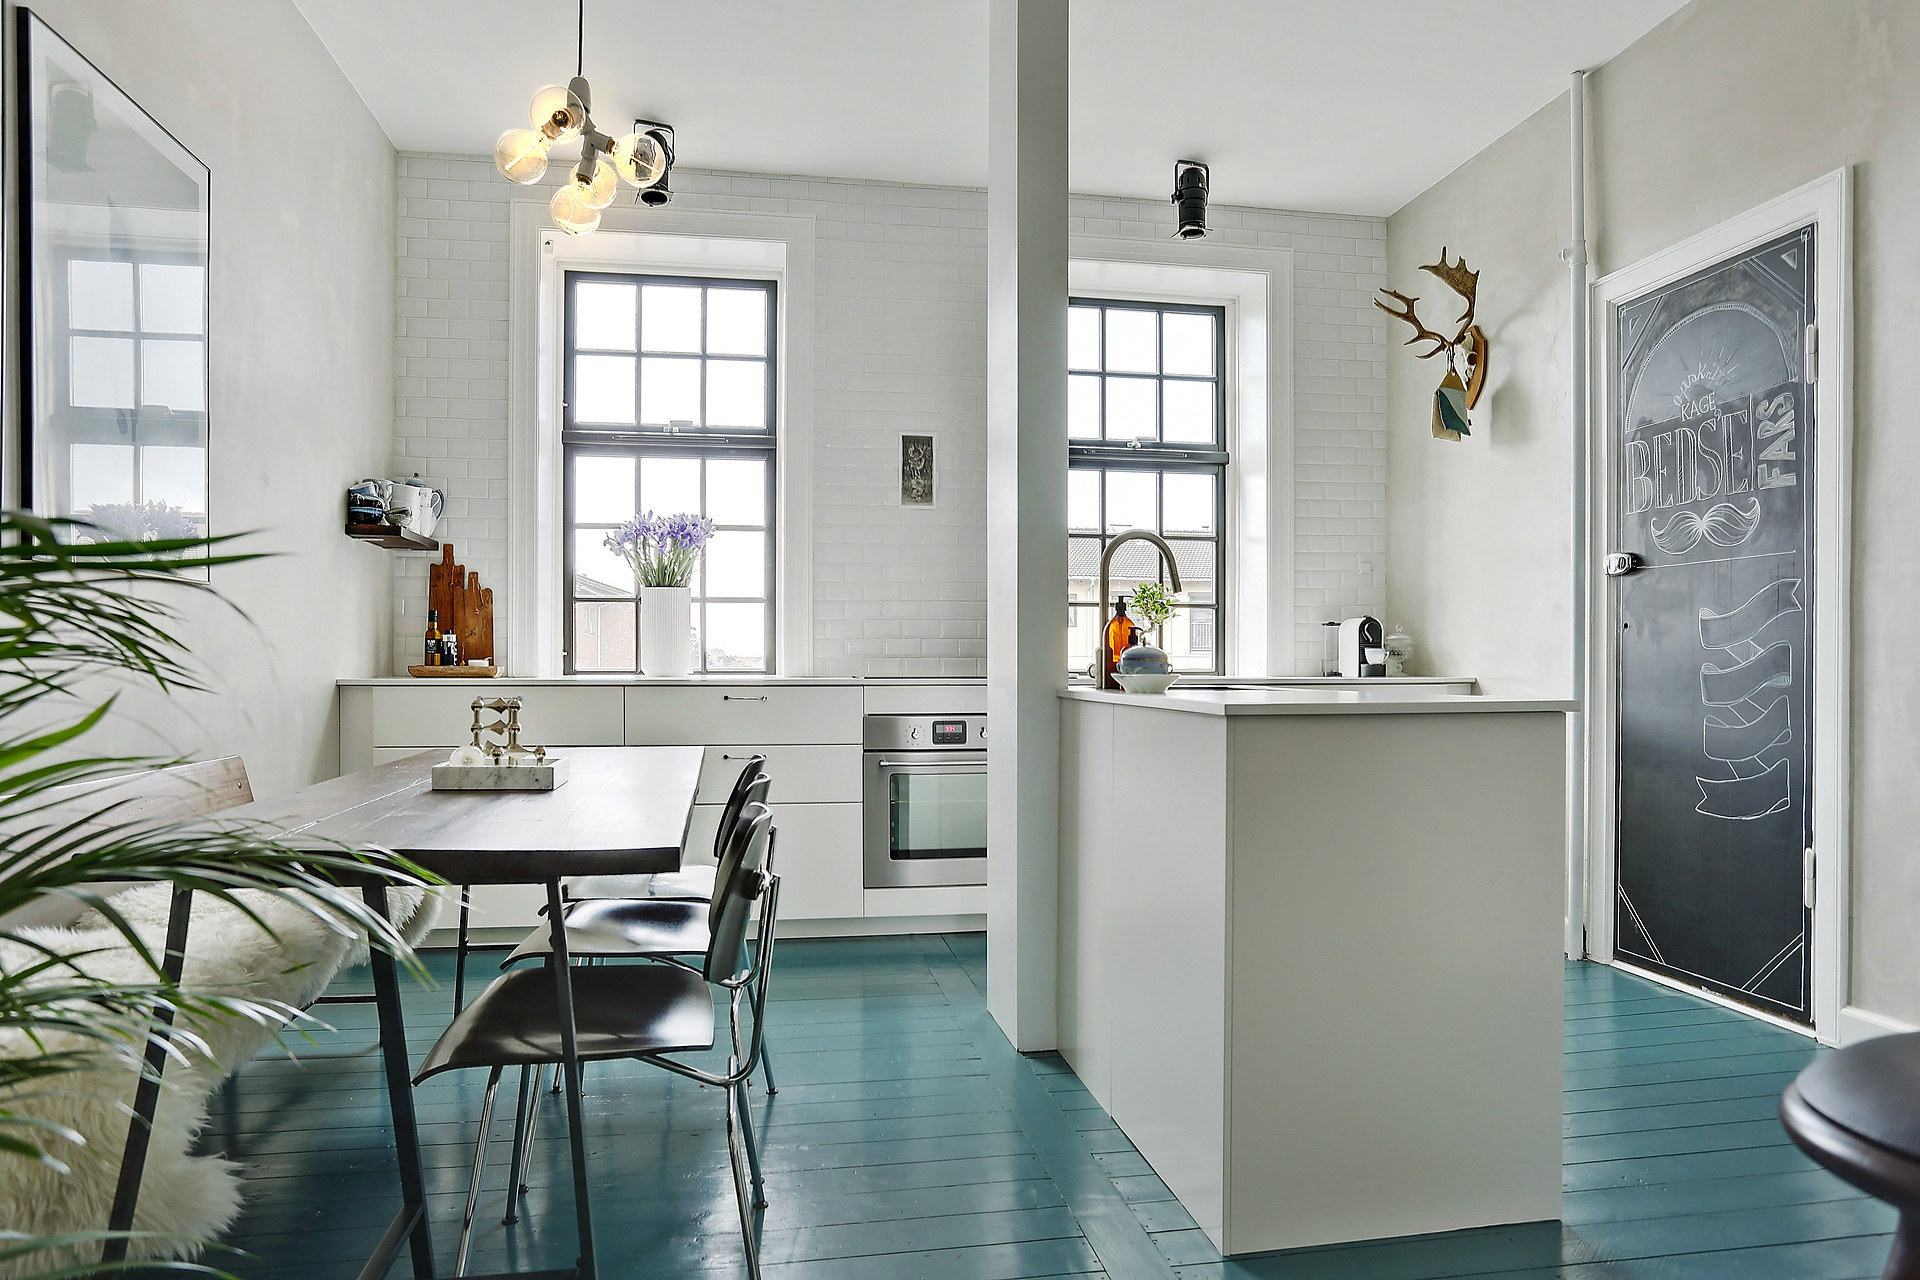 Scandinavische keuken met blauwe vloerinterieur inrichting interieur inrichting - Scandinavische keuken ...